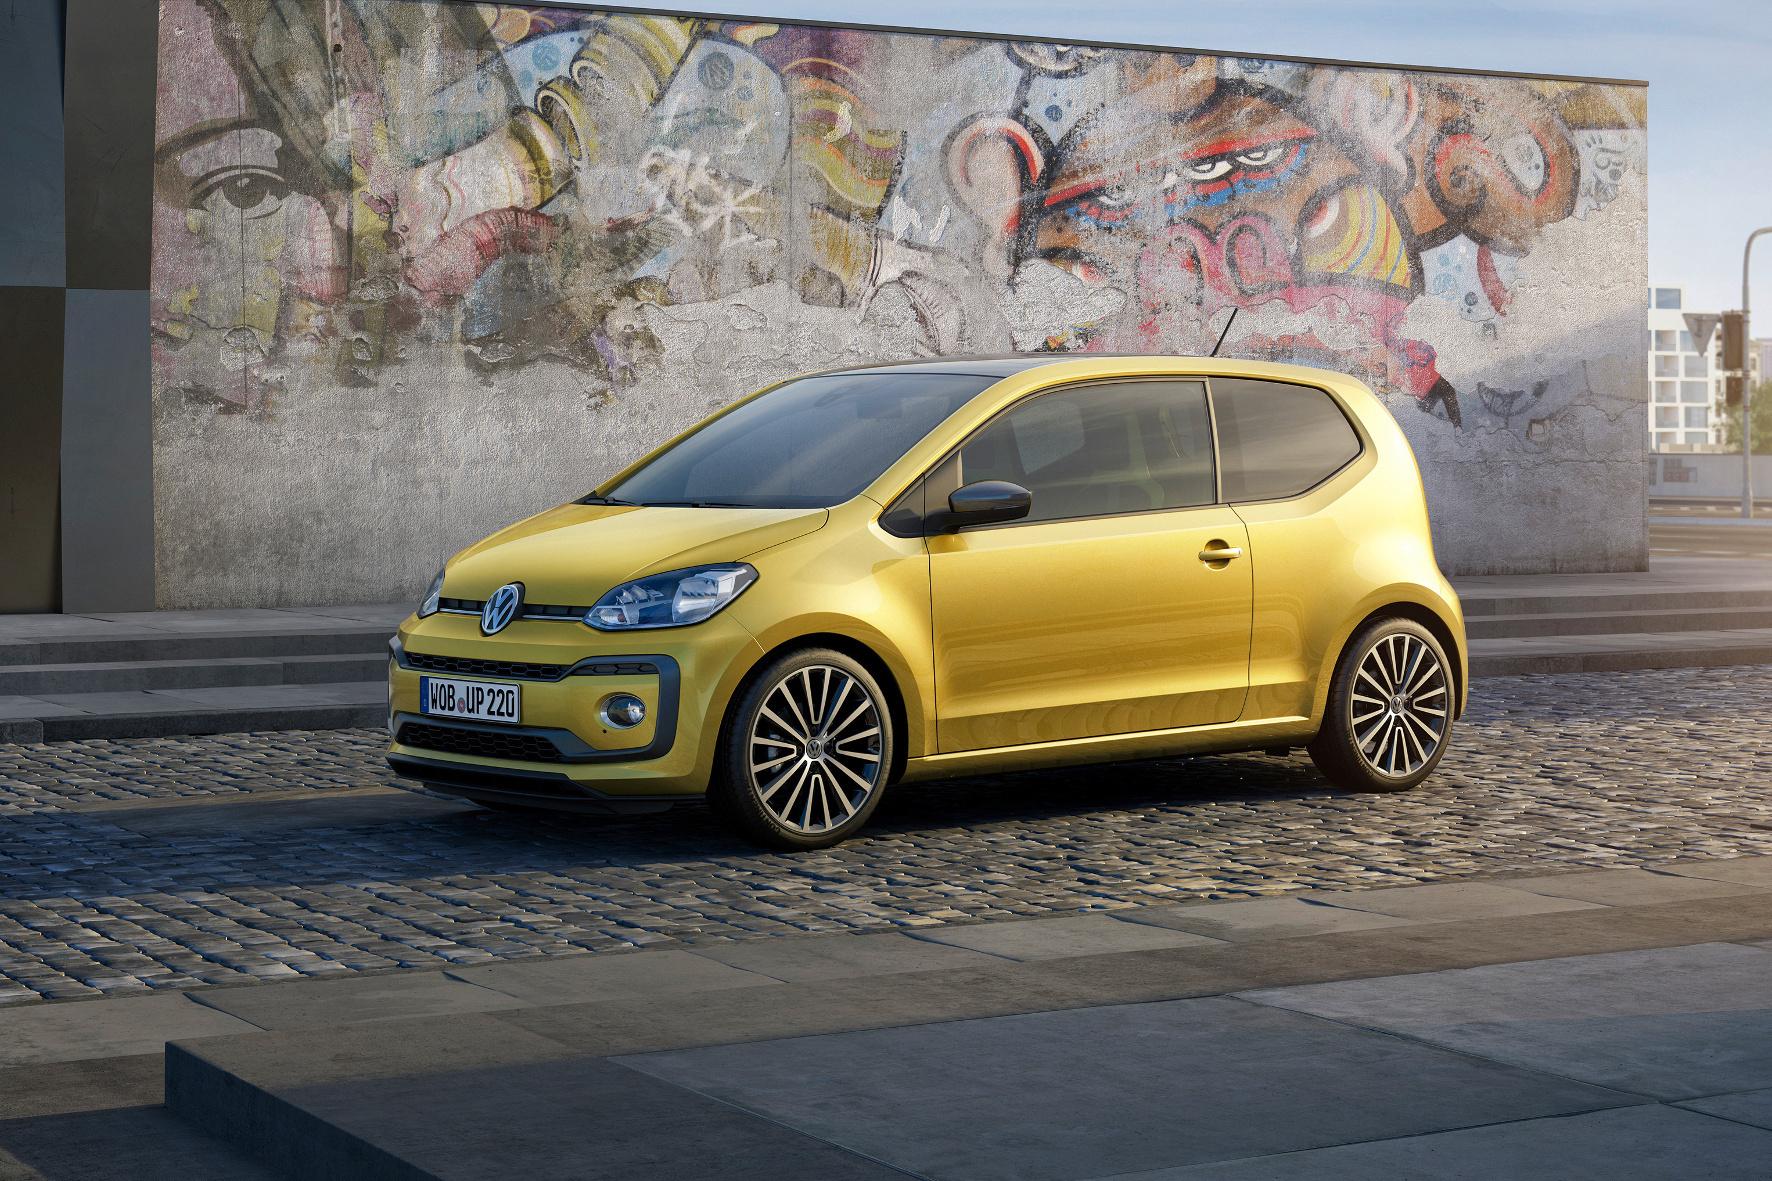 mid Groß-Gerau - Der Einstiegspreis für den überarbeitete VW Up sinkt trotz mehr Serienausstattung um 125 auf 9.850 Euro.